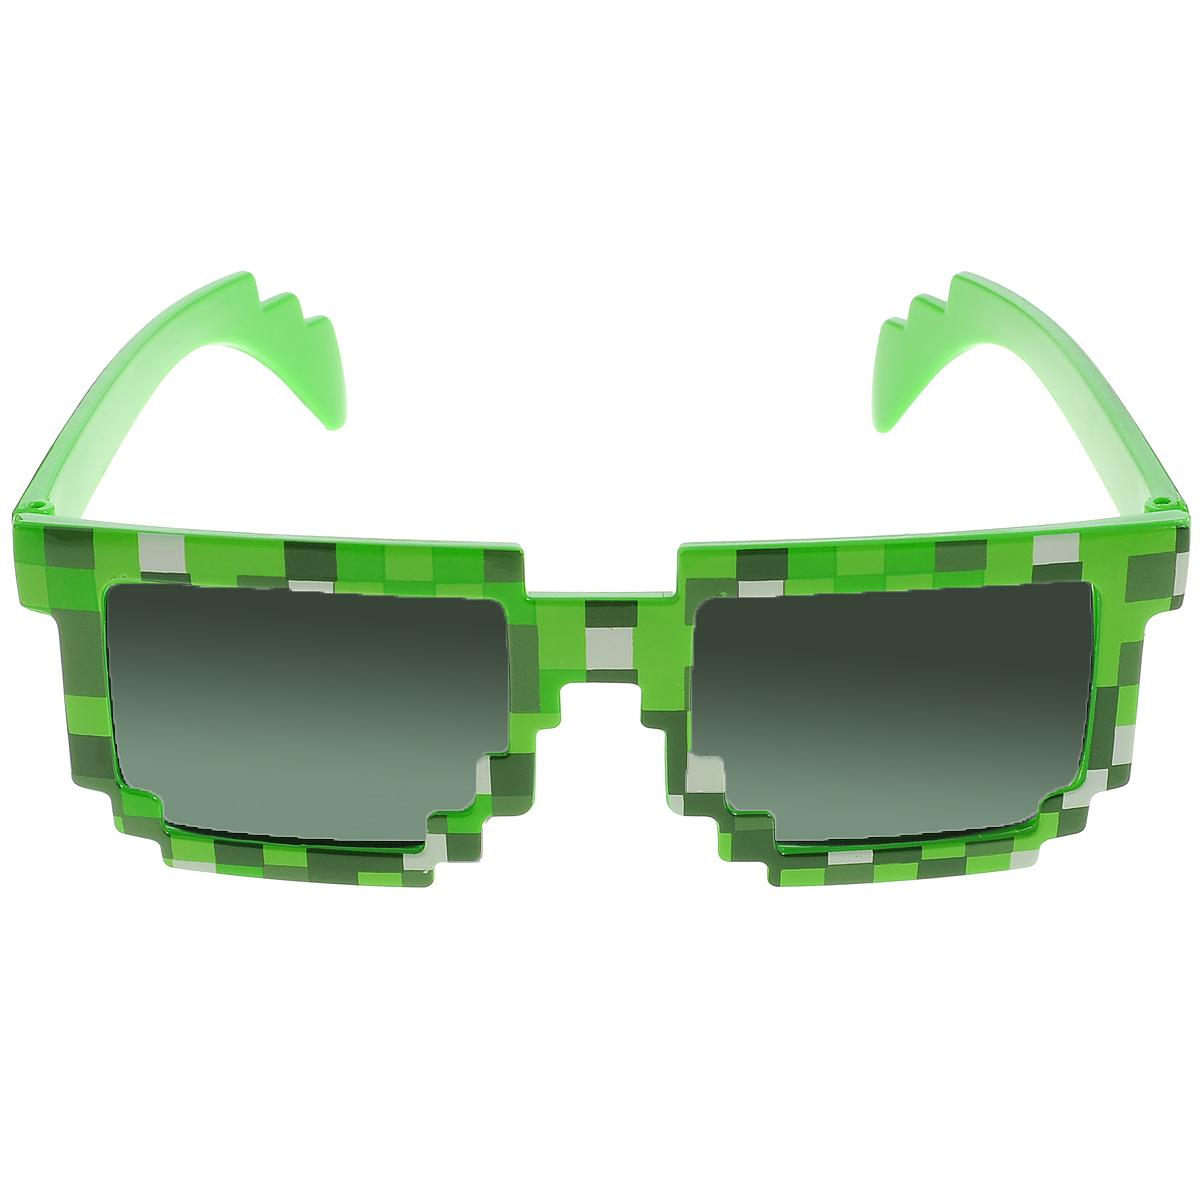 Очки солнечные Minecraft Пиксельные, цвет: зеленый, черный81073Наикрутейшие солнечные пиксельные очки в зеленой оправе! Очки пиксельные Minecraft (Майнкрафт) - это стильный и качественно выполненный аксессуар из игры Minecraft. Если ваш ребенок увлекается игрой Майнкрафт, такой подарок ему очень понравится! Яркий, эффектный дизайн очков Майнкрафт привлекает внимание с первого взгляда.